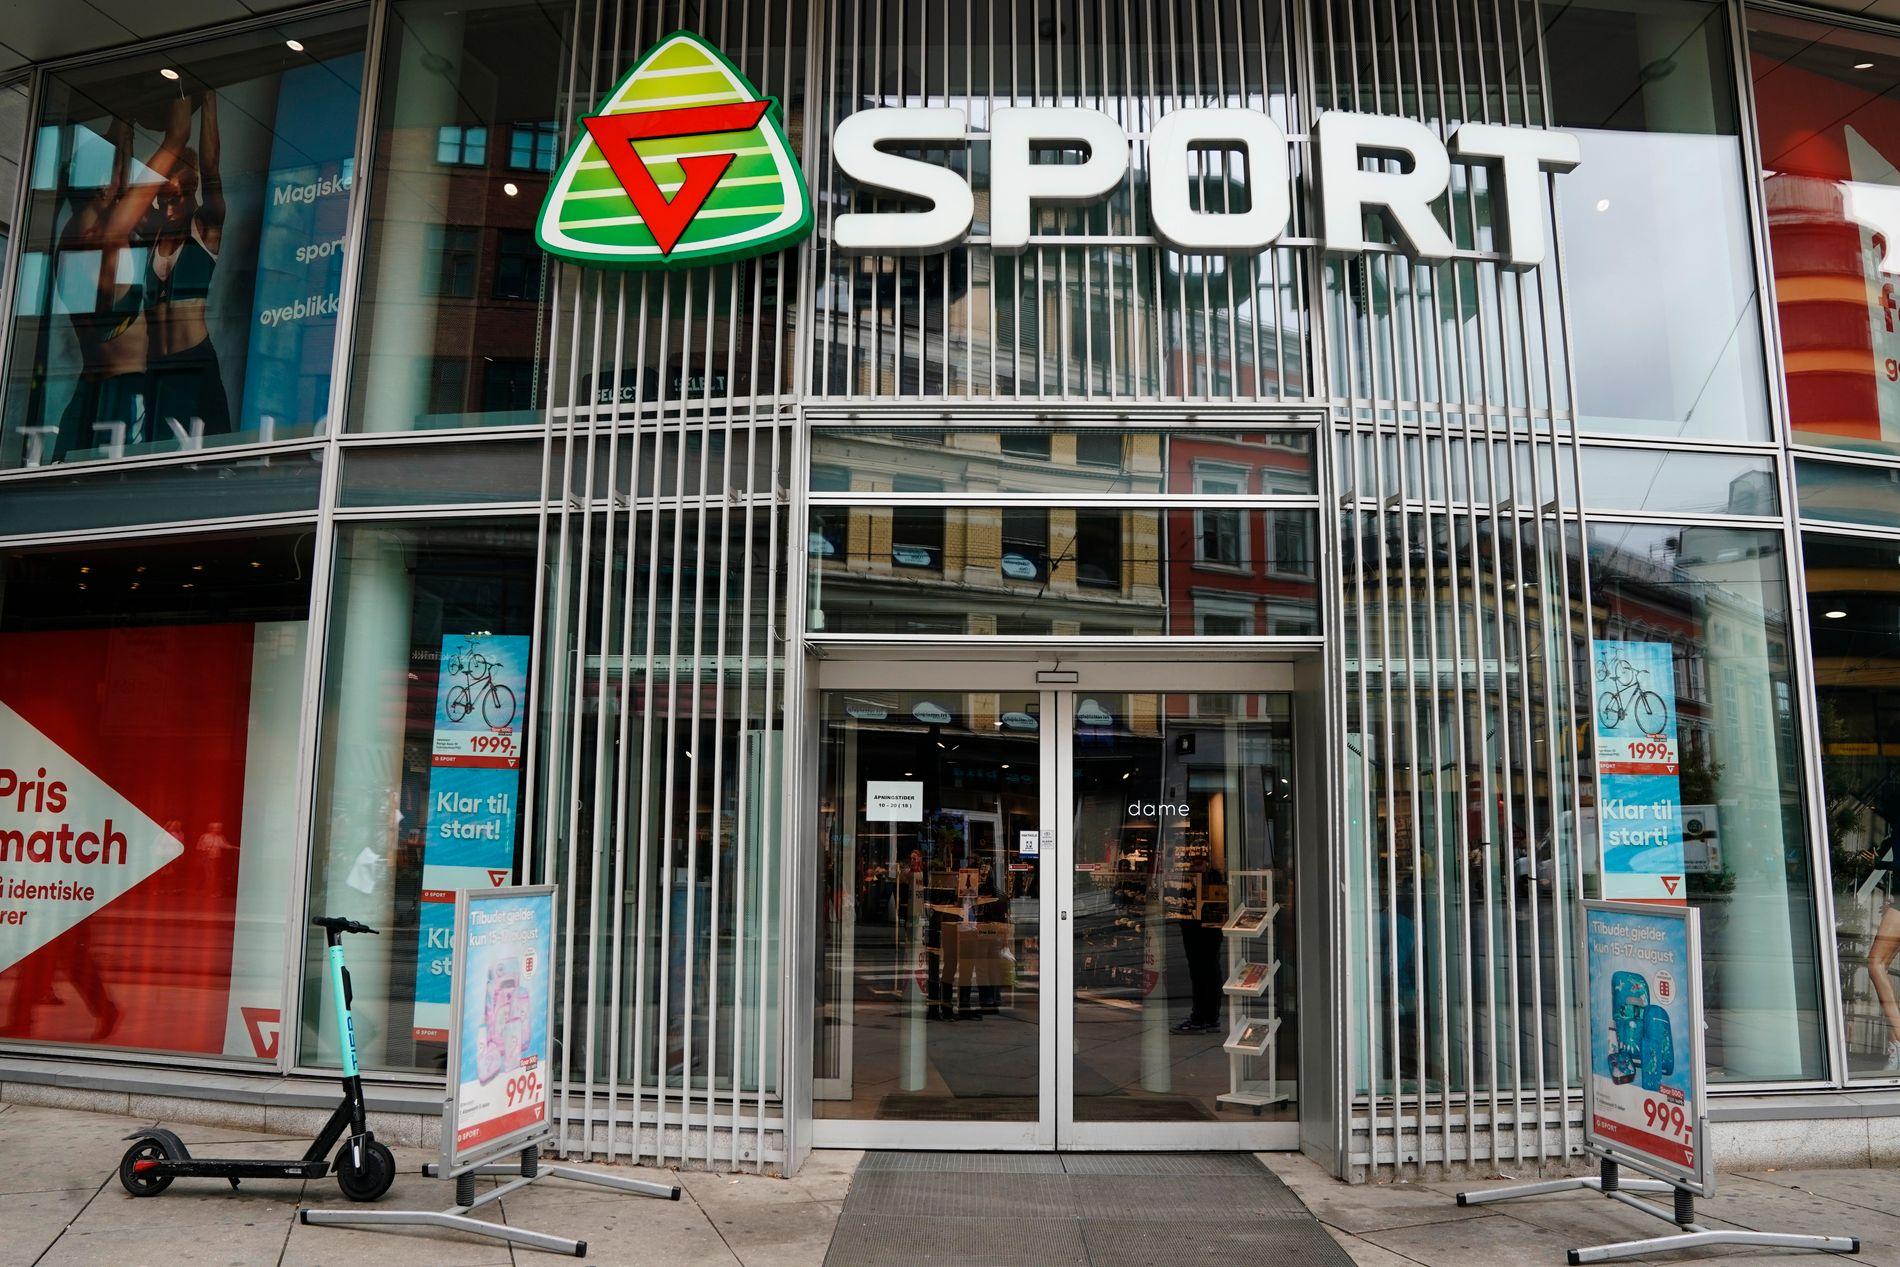 G-sport i Storgata i Oslo skal avvikles sammen med resten av sportsbutikkene G-sport og G-Max. Butikkene flyttes over til Intersport-kjeden. Foto: Cornelius Poppe / NTB scanpix